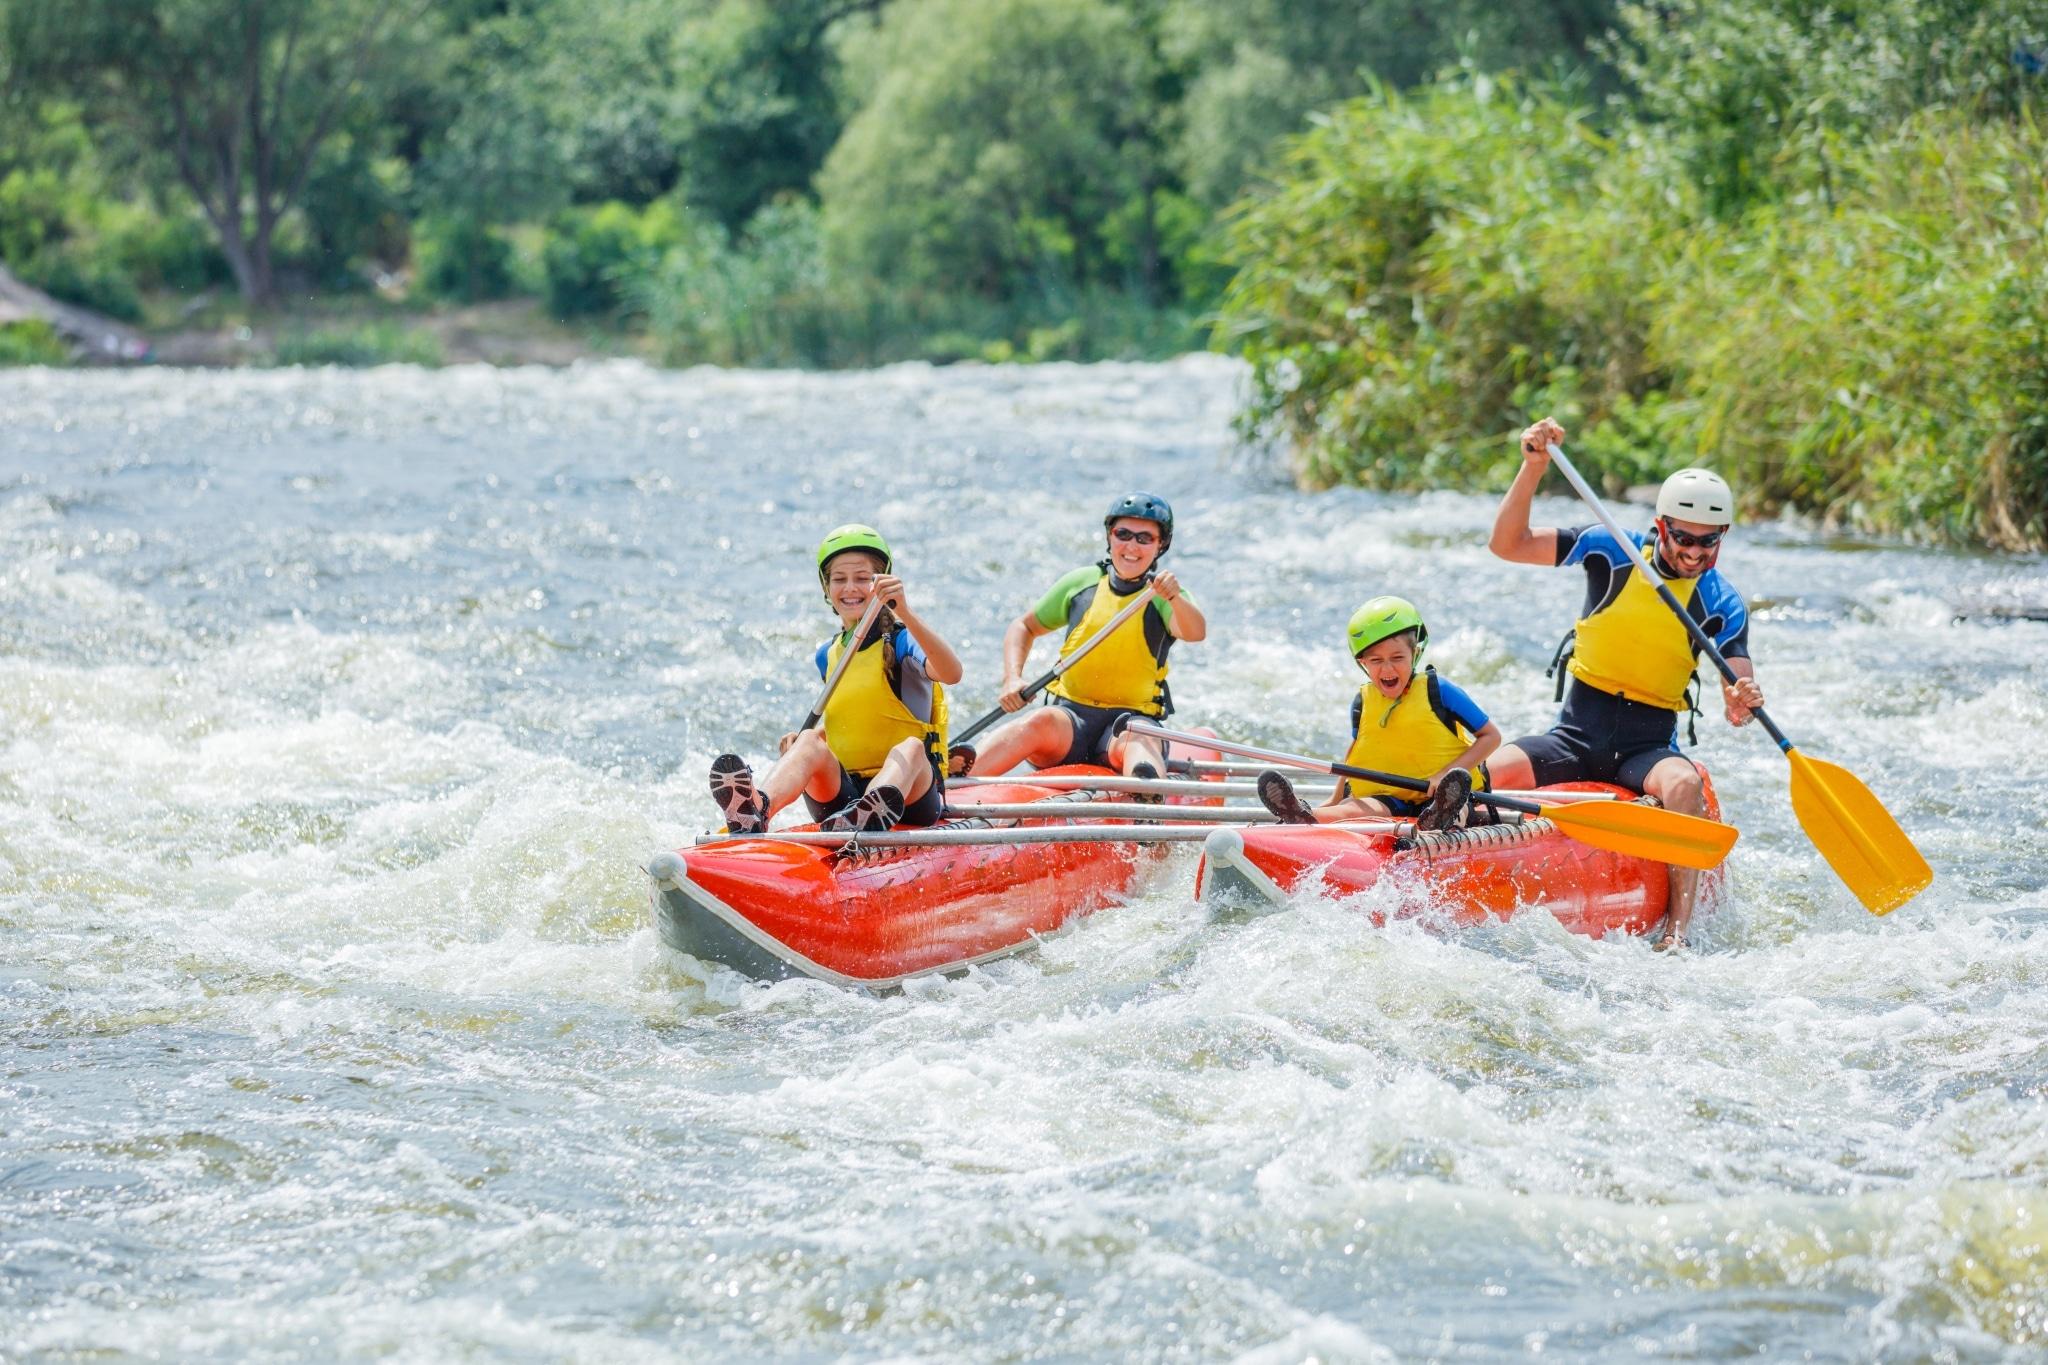 Spaß beim Rafting haben Familien in Österreich auf dem Lech beim Familienurlaub in den Bergen